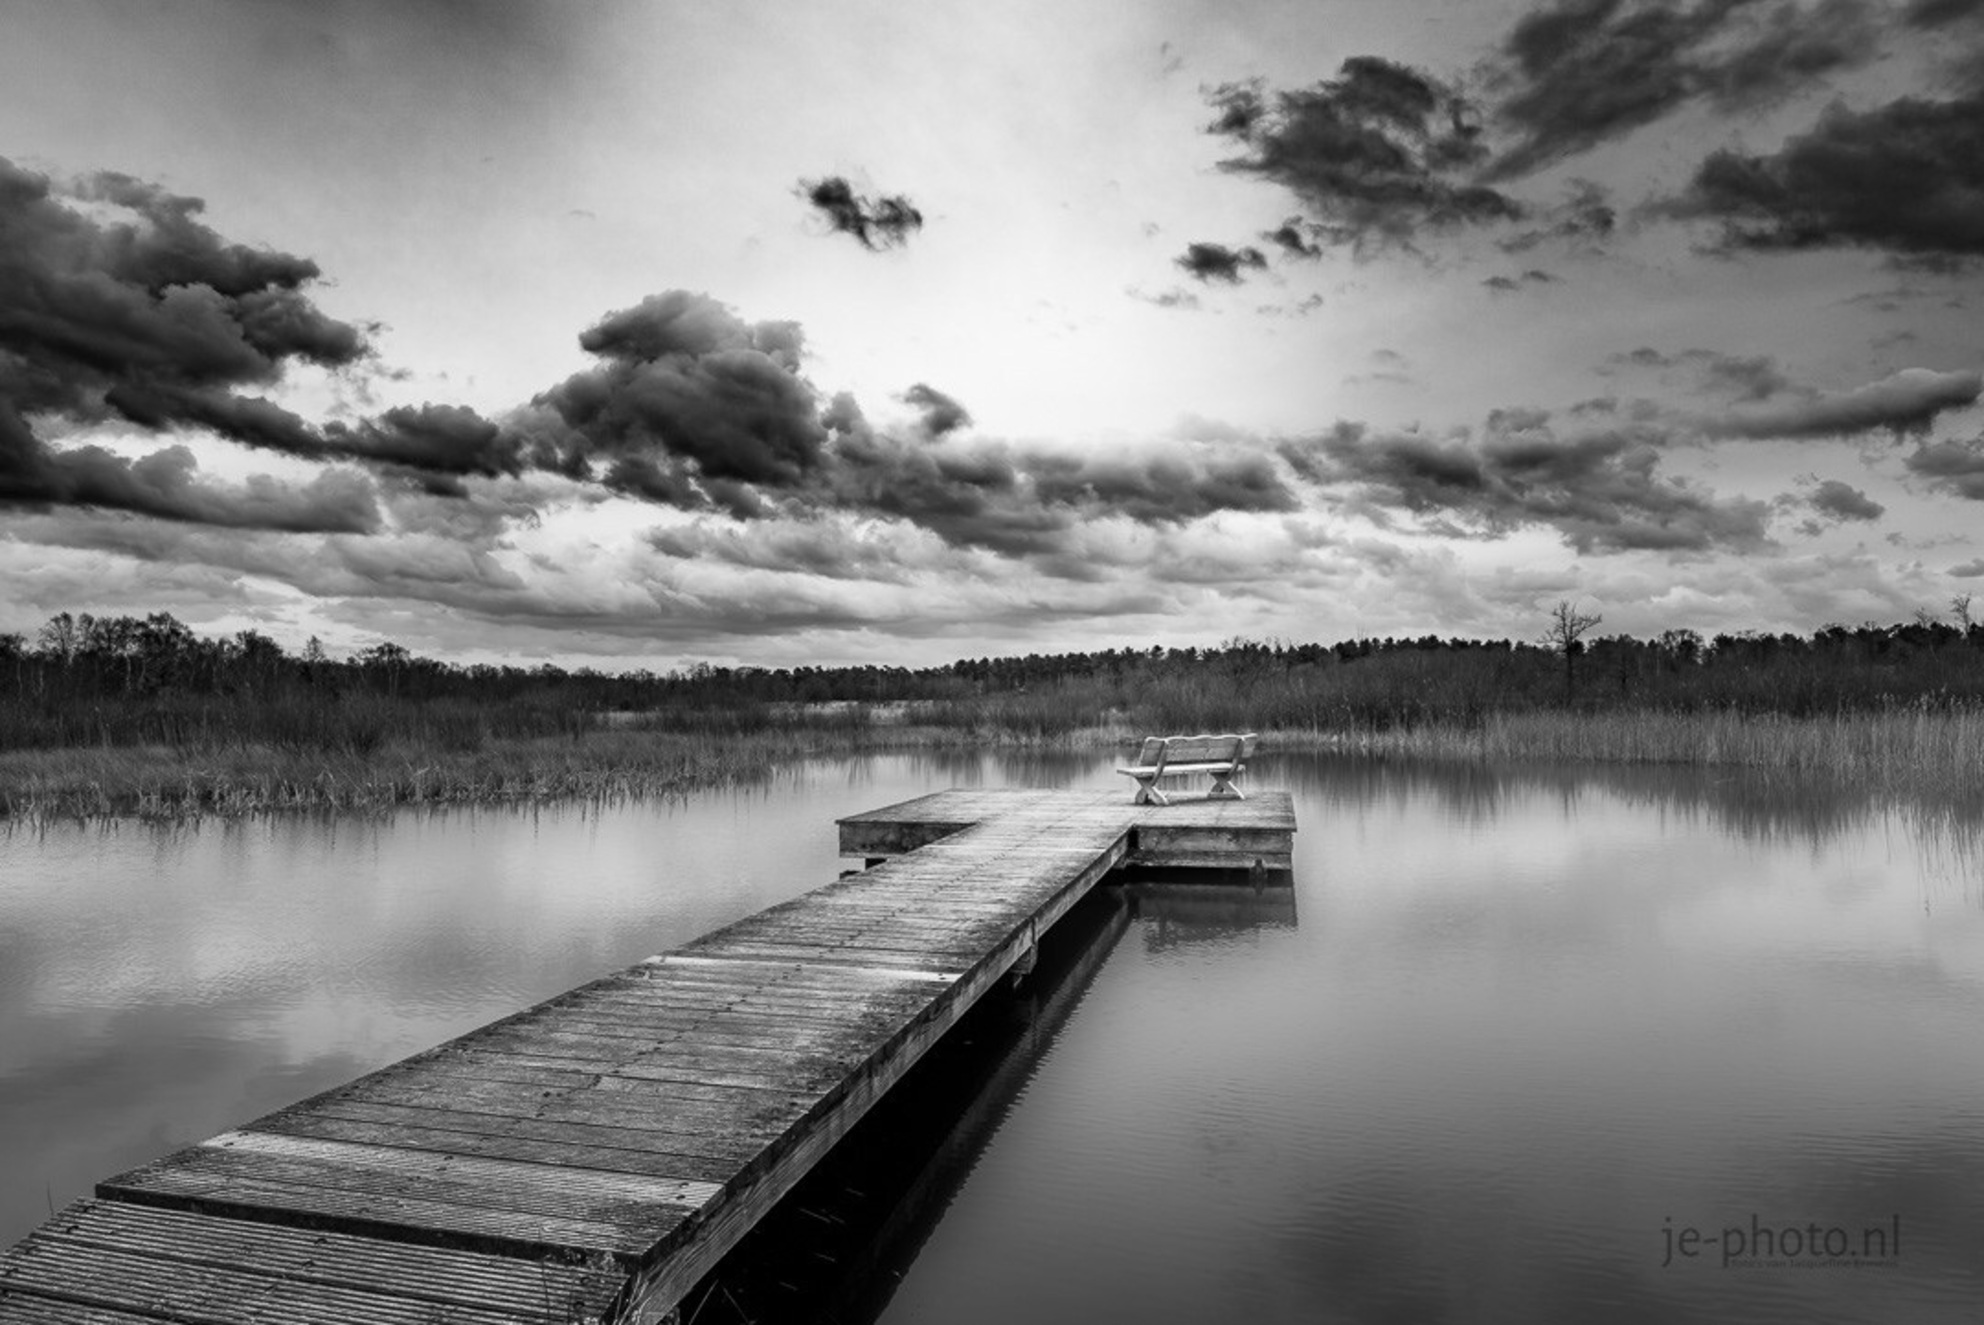 Bènkske - - - foto door je-photo op 09-03-2019 - deze foto bevat: natuur, zwart wit